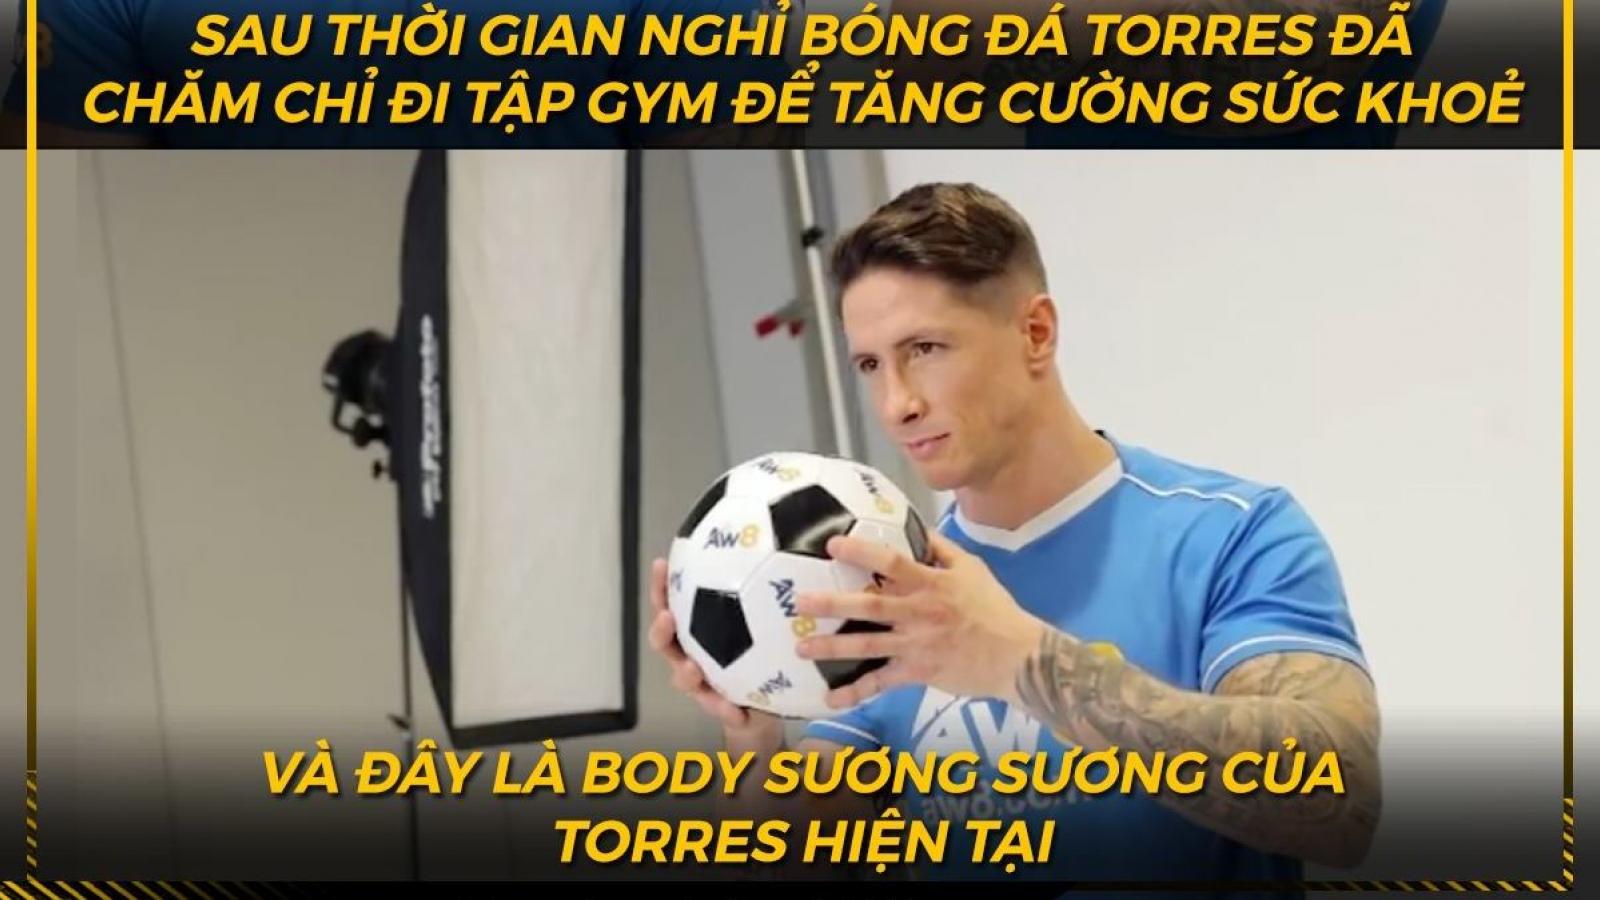 """Biếm họa 24h: Torres biến thành """"lực sĩ"""" sau khi giải nghệ"""